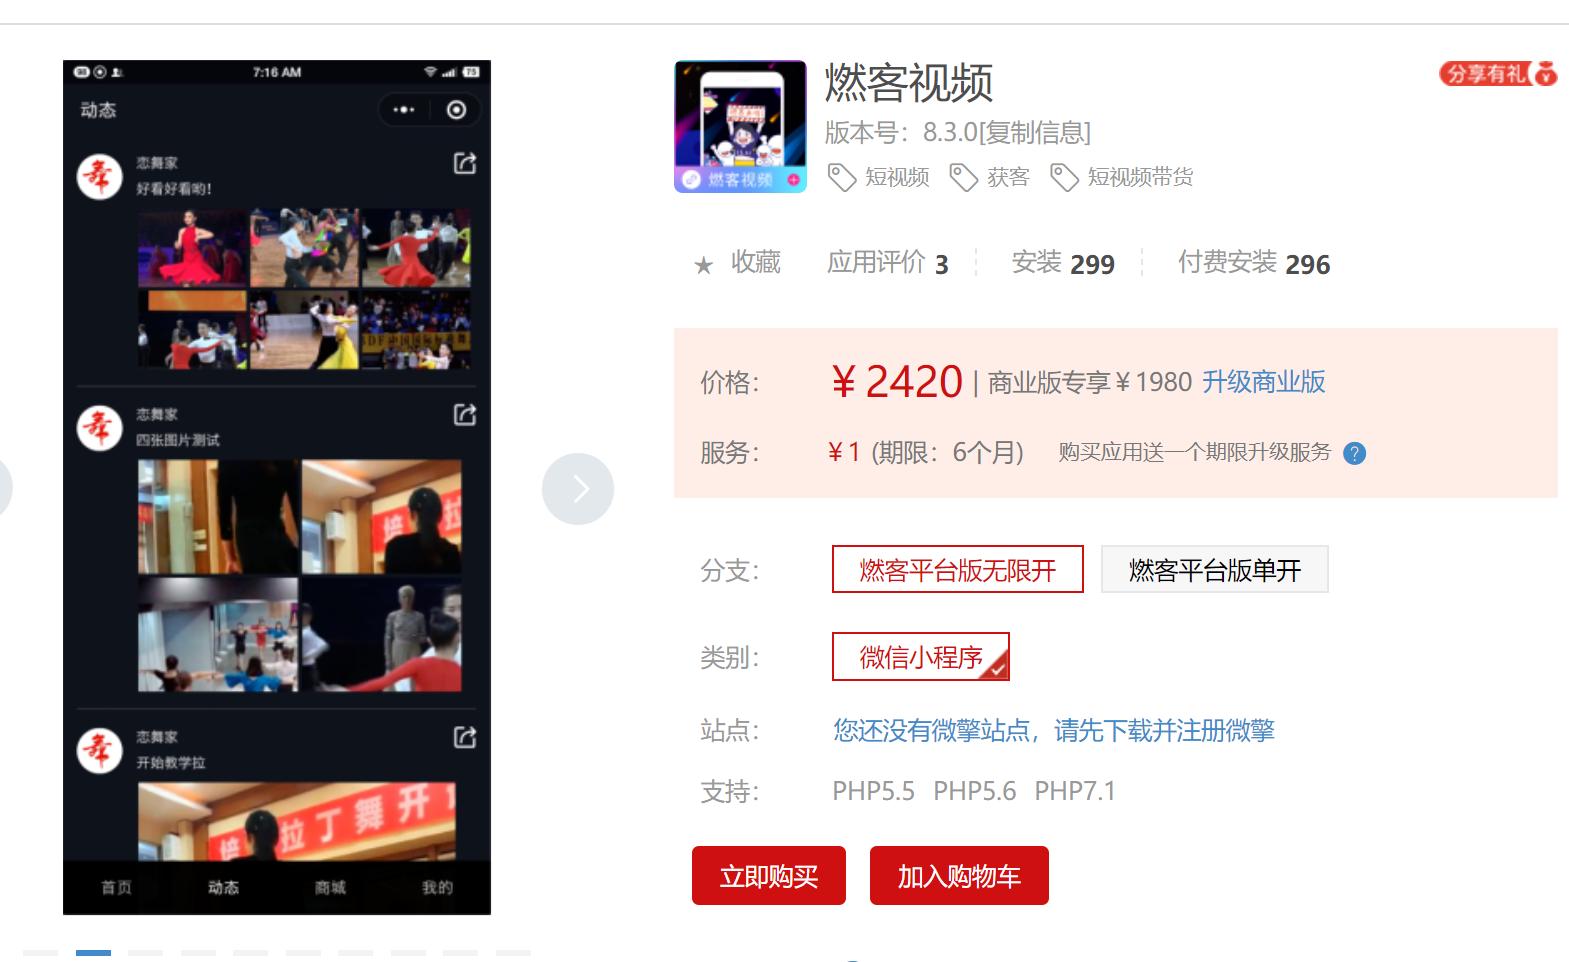 燃客视频v8.3.0+可过审直播前端、包更新